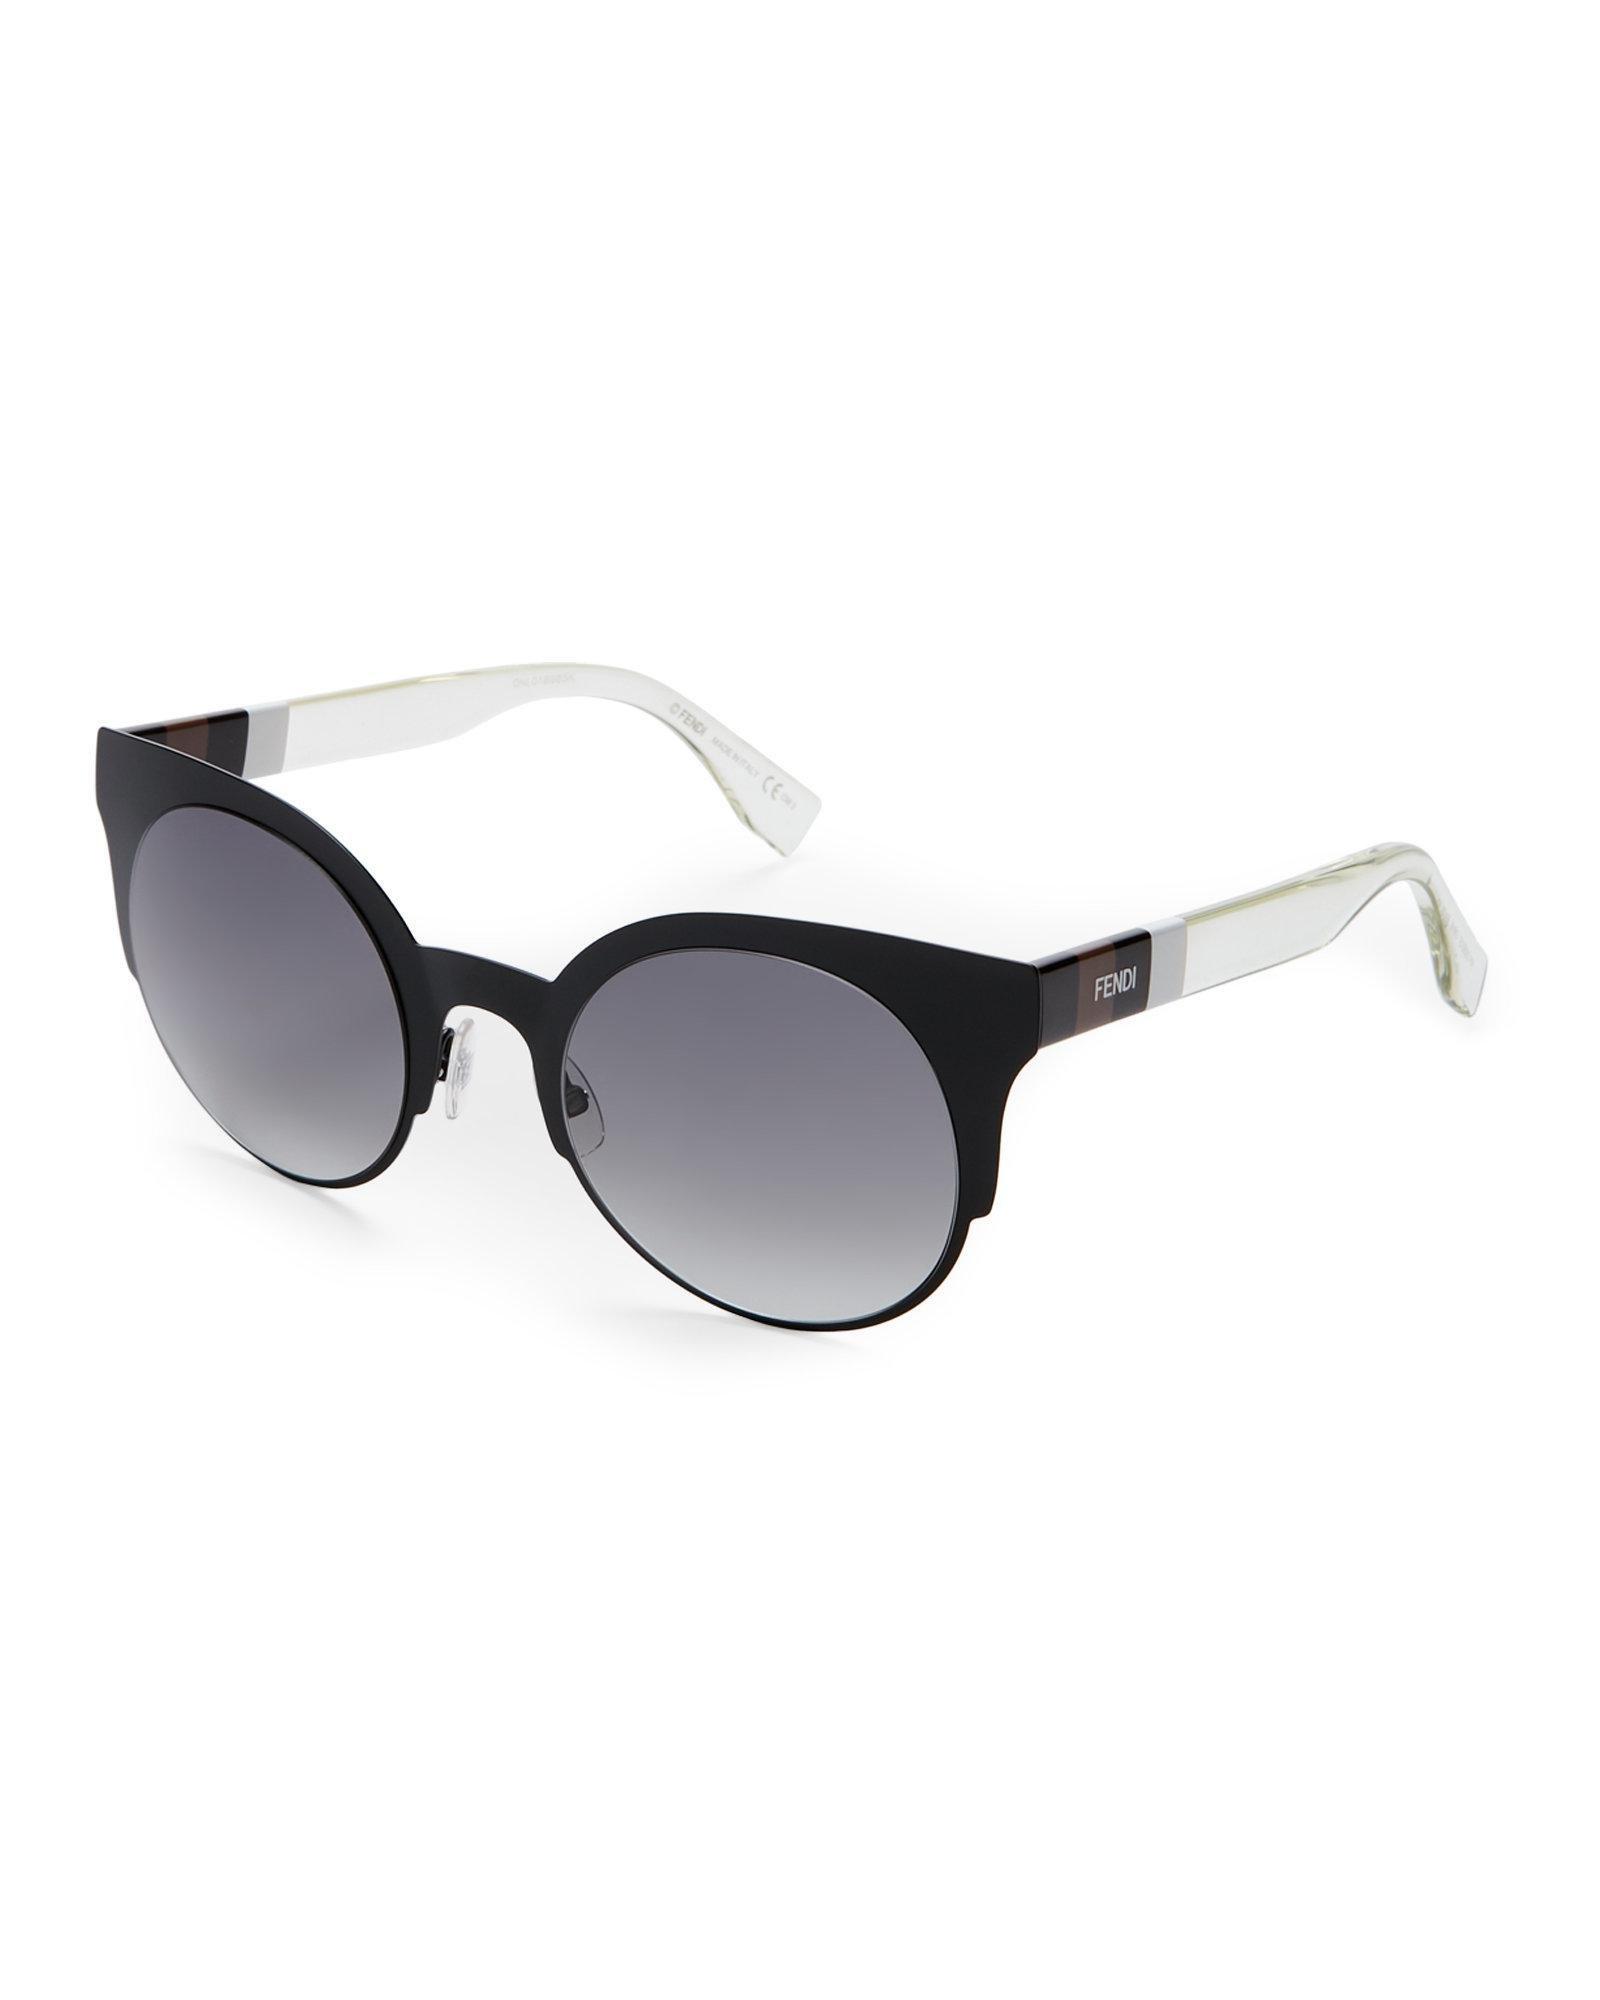 b12da3cf577 Lyst - Fendi Ff 0080 S Black Round Cat Eye Sunglasses in Black